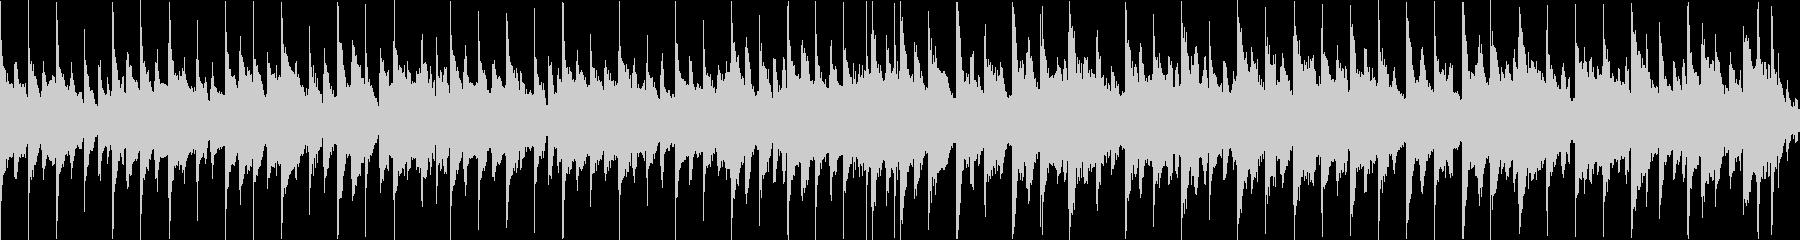 楽しいジングルベル(ループ)前奏無しの未再生の波形